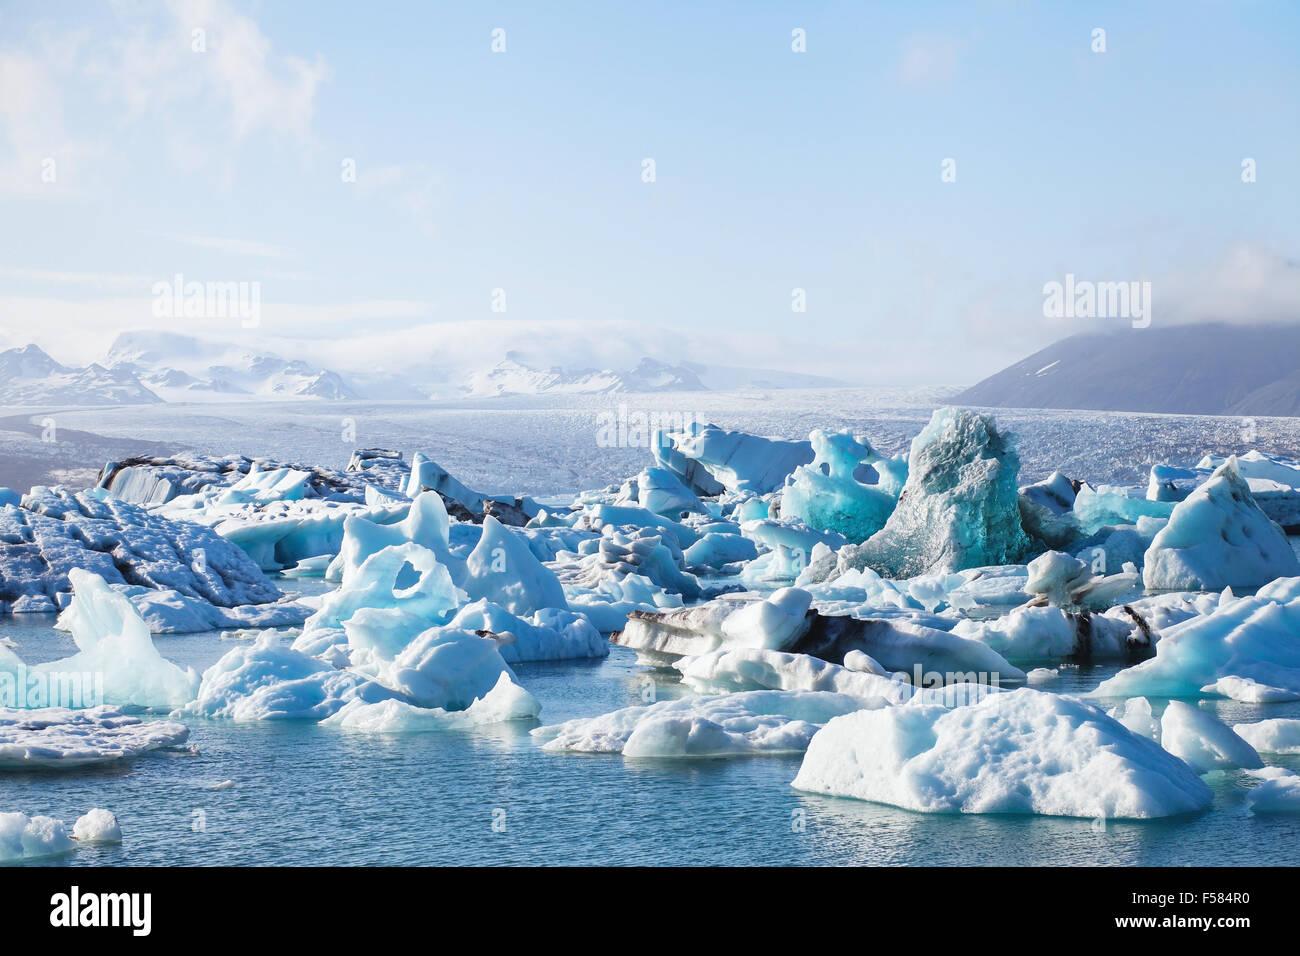 glacier lake in Iceland - Stock Image